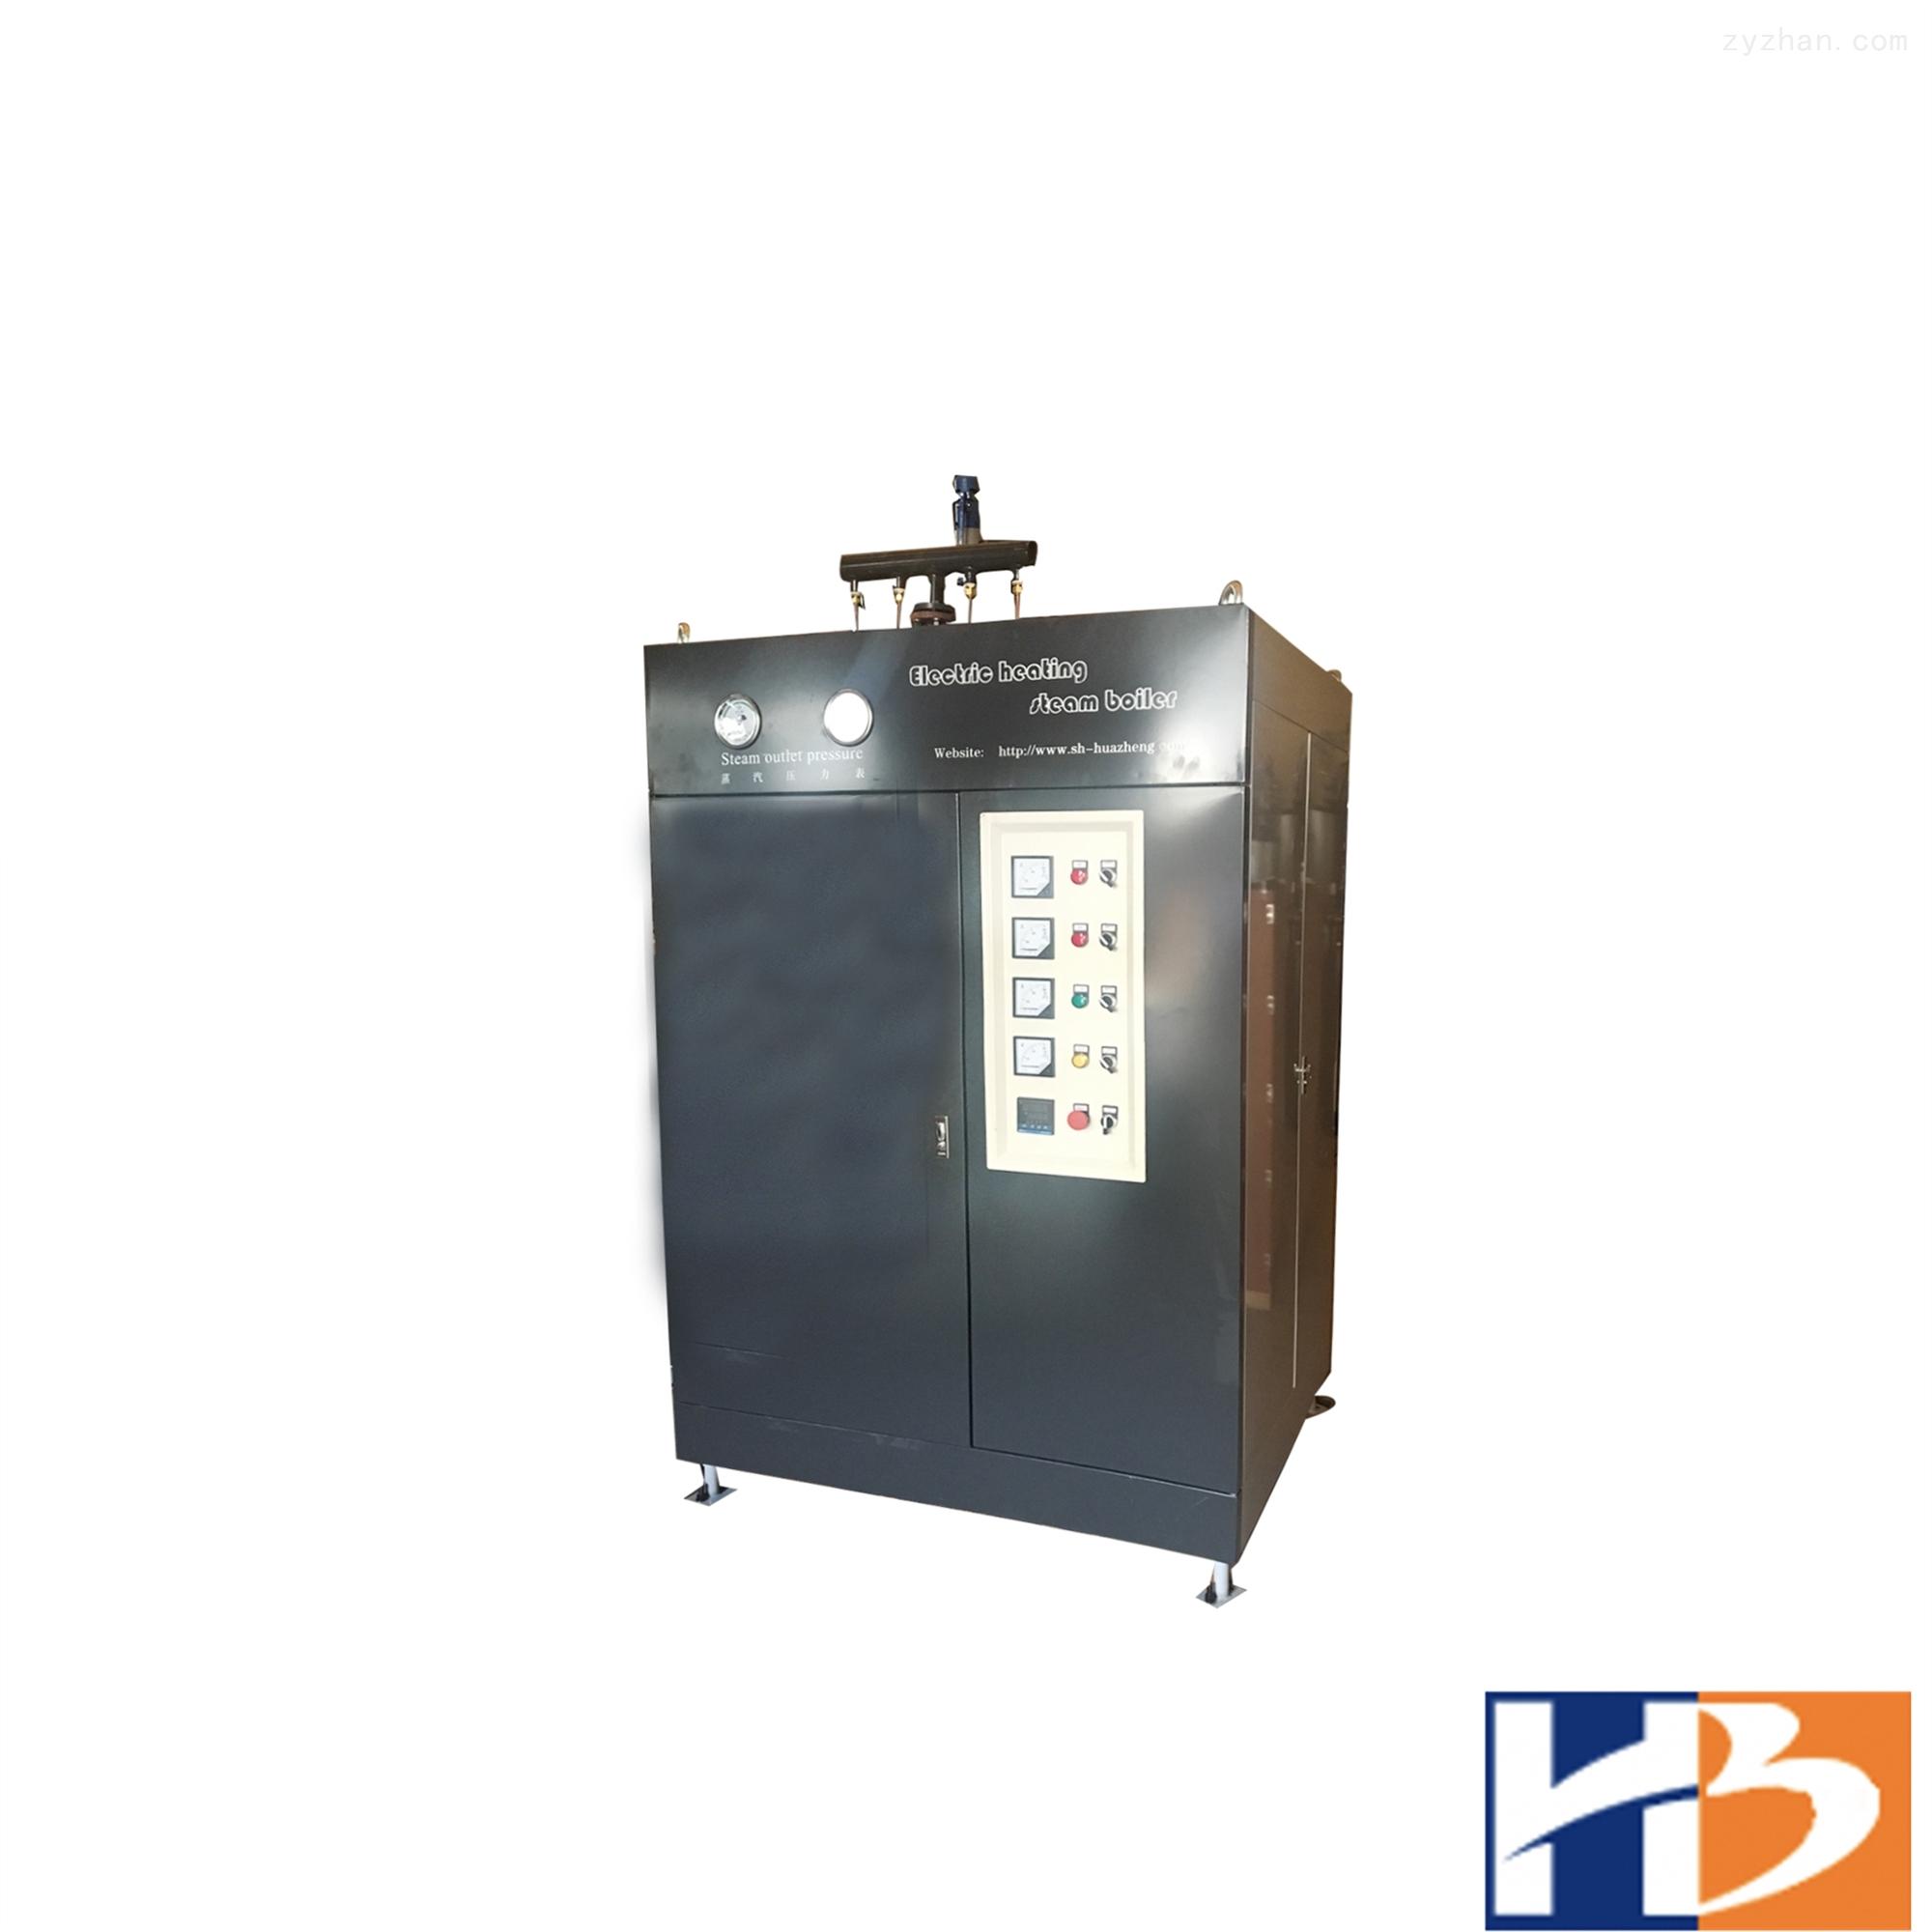 锅炉(8-31万大卡/h电锅炉、热水锅炉)